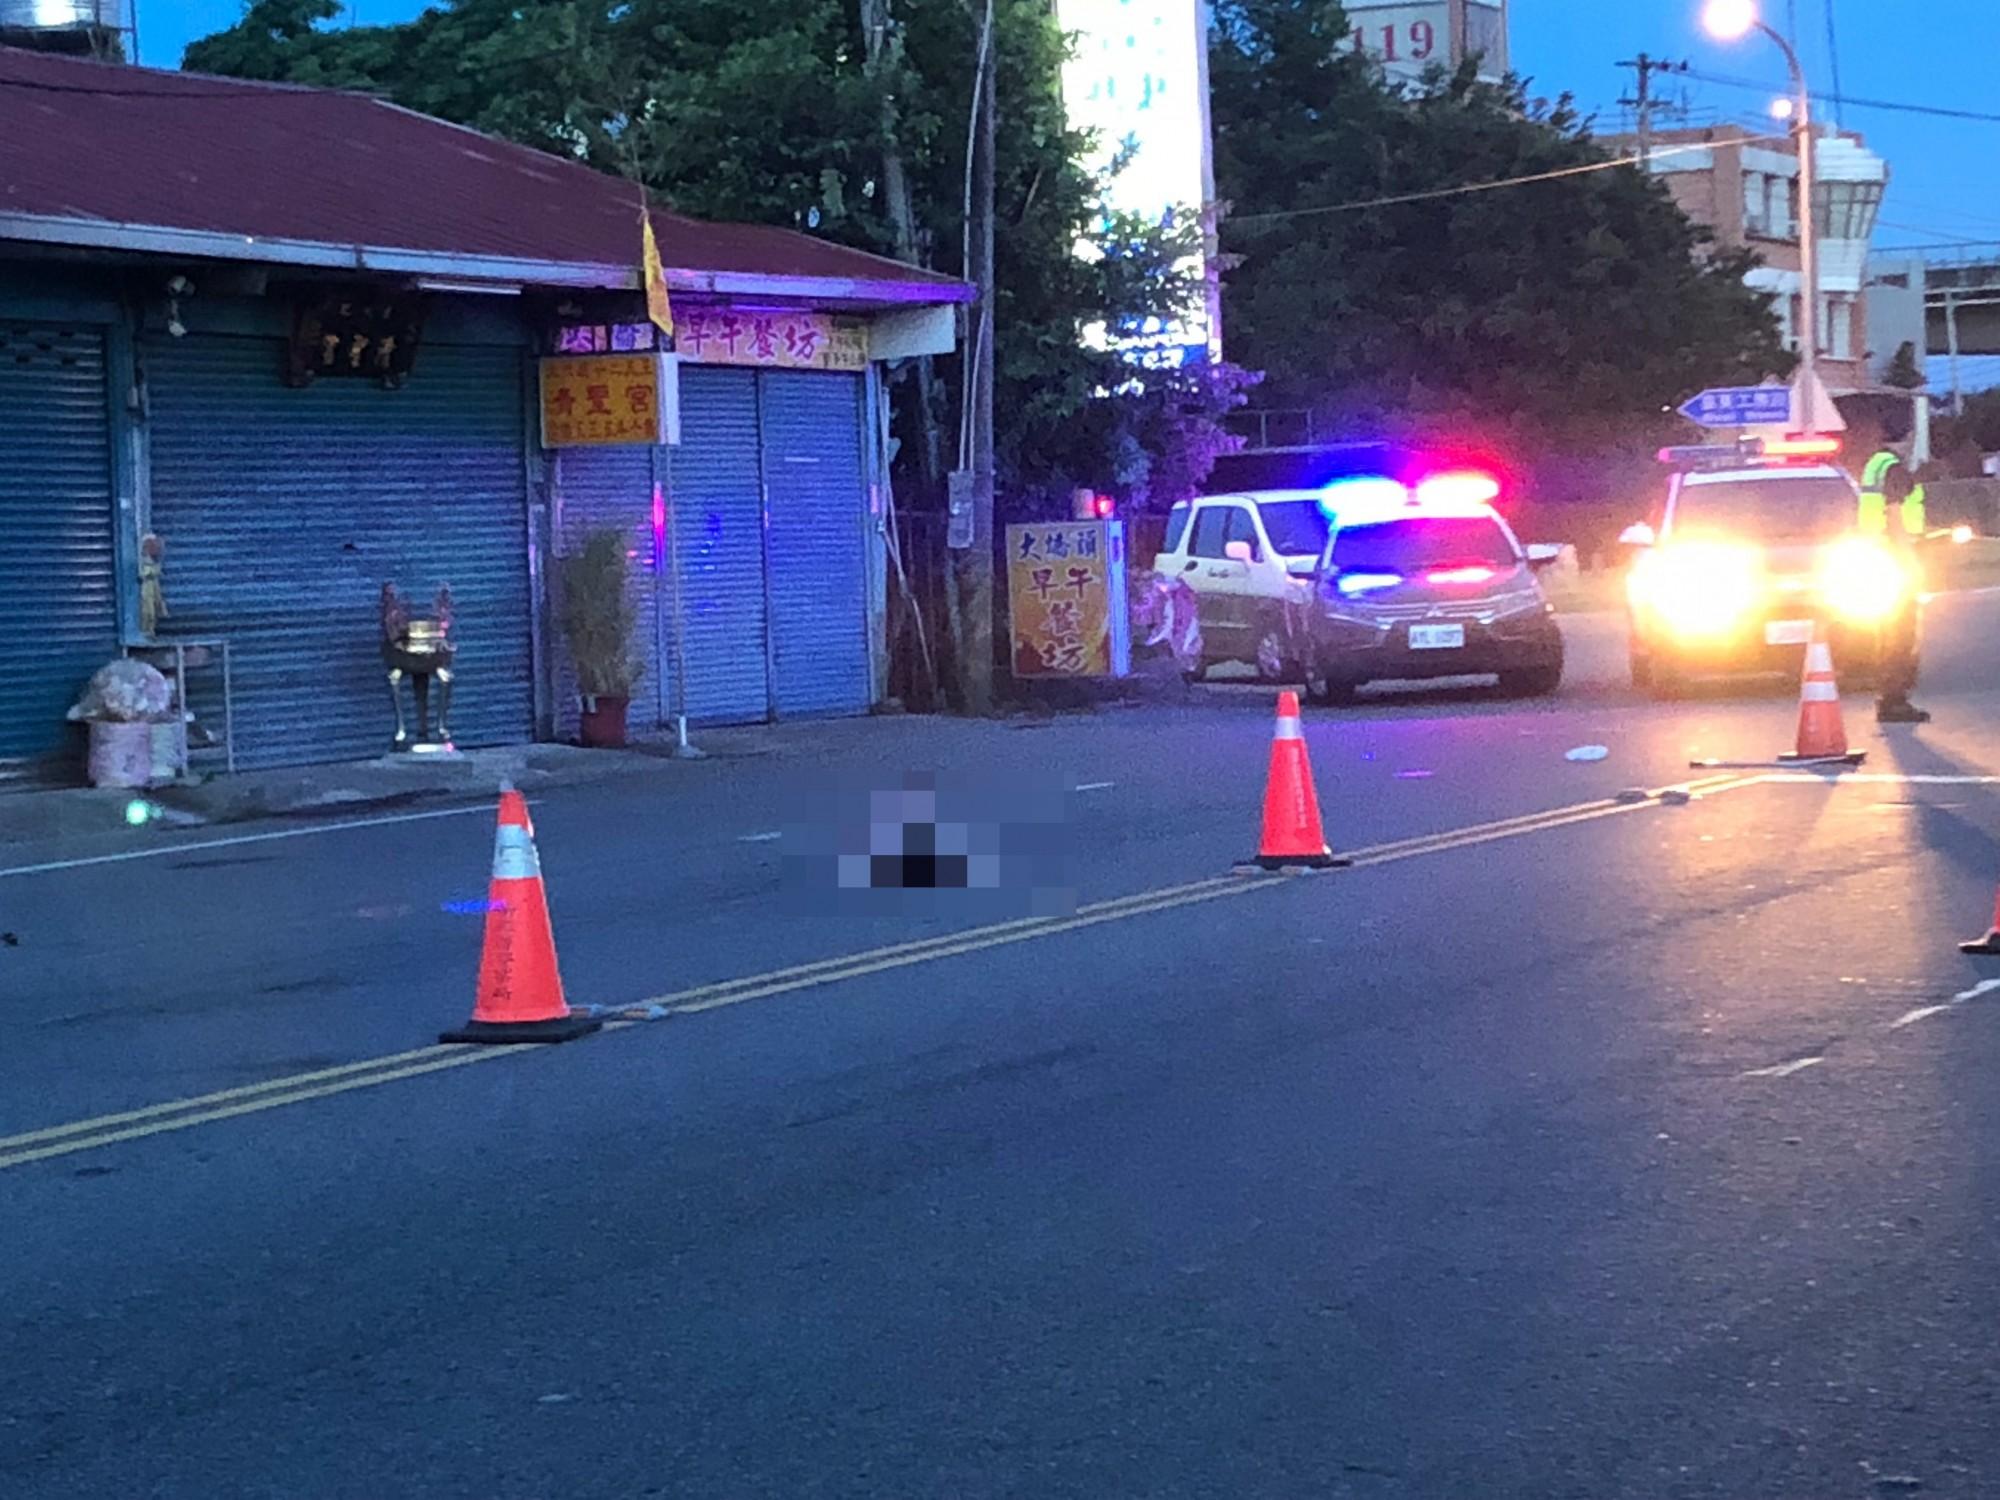 79歲傅姓老婦,今天清晨4點多,徒步穿越台13線時,先後遭2名機車騎士撞擊,不幸當場死亡。(記者彭健禮翻攝)